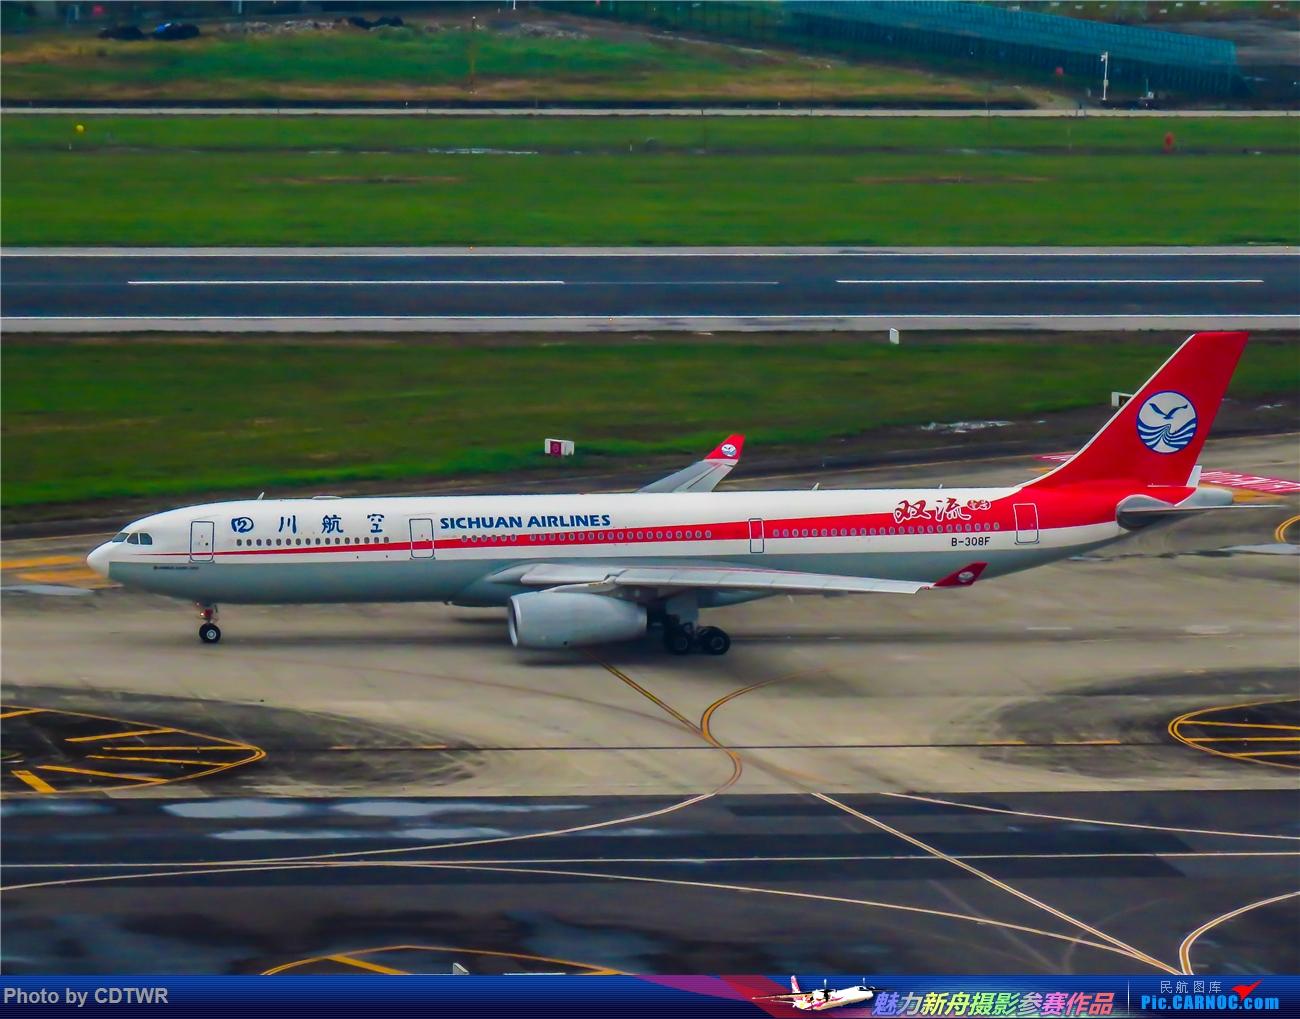 Re:[原创]换个角度拍机 成都塔台解锁 AIRBUS A330-300 B-308F 中国成都双流国际机场